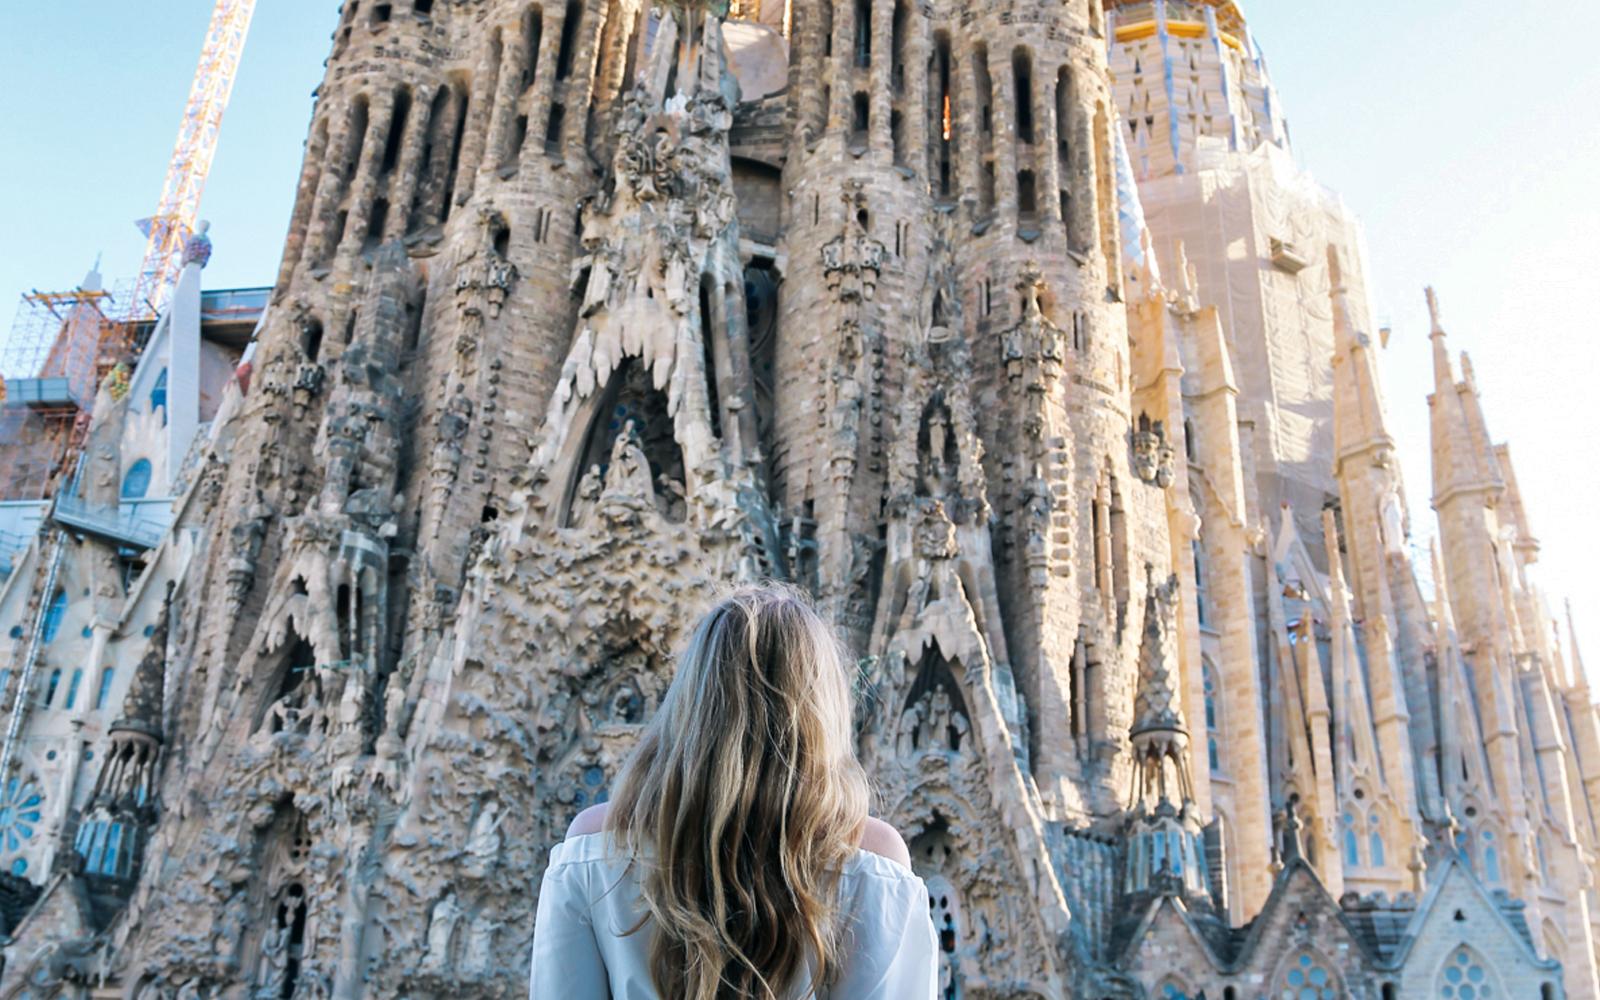 Familia: Comprehensive Guide To Sagrada Familia Barcelona